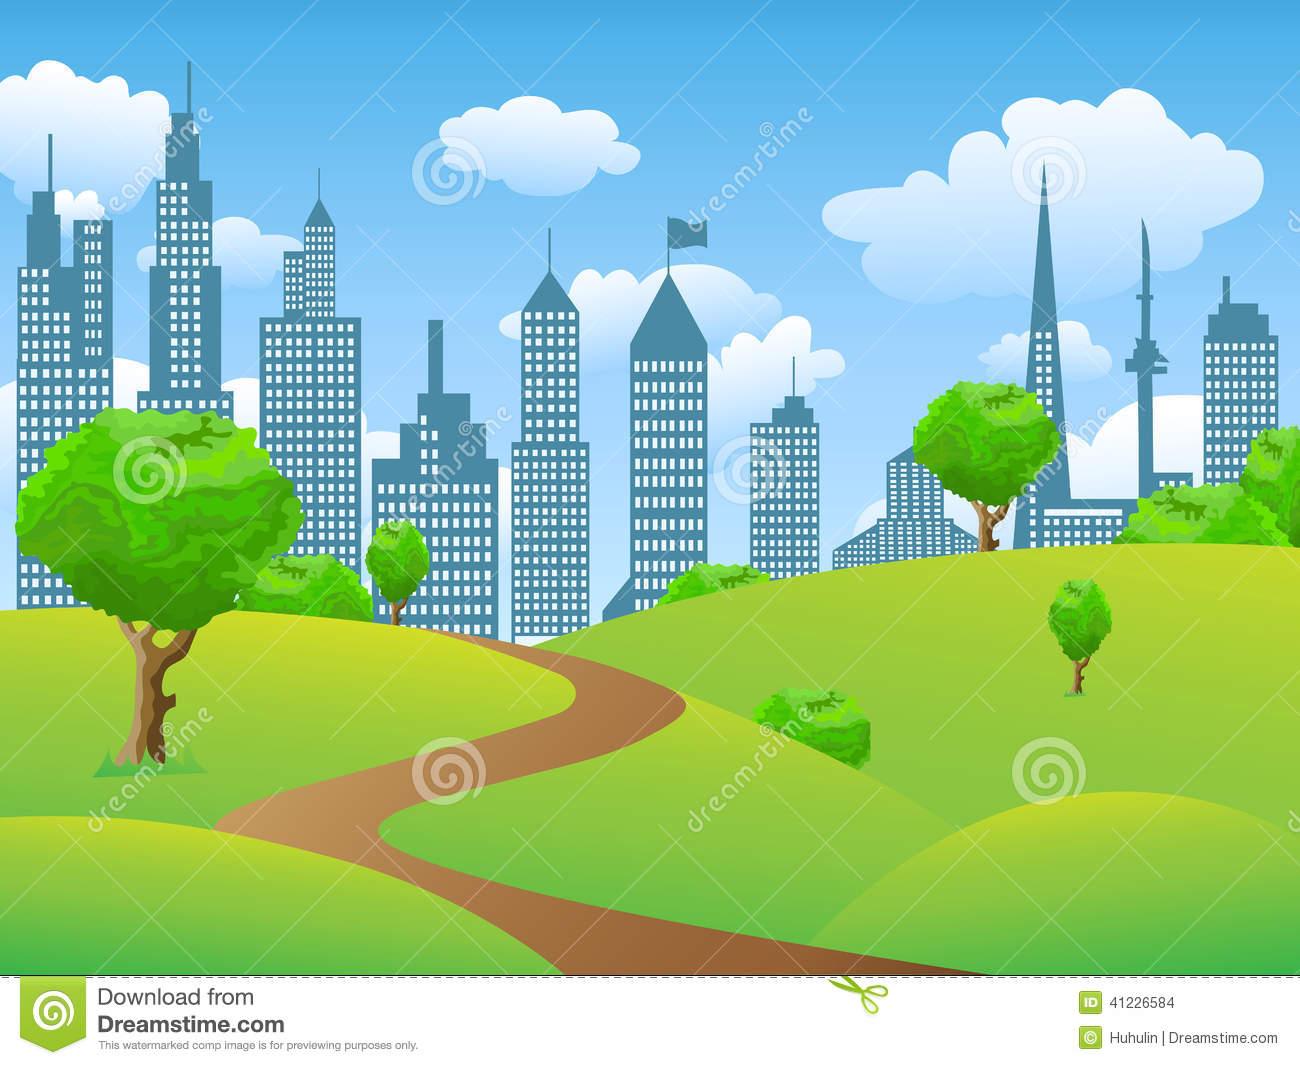 City Landscape Clipart - Clipart Suggest